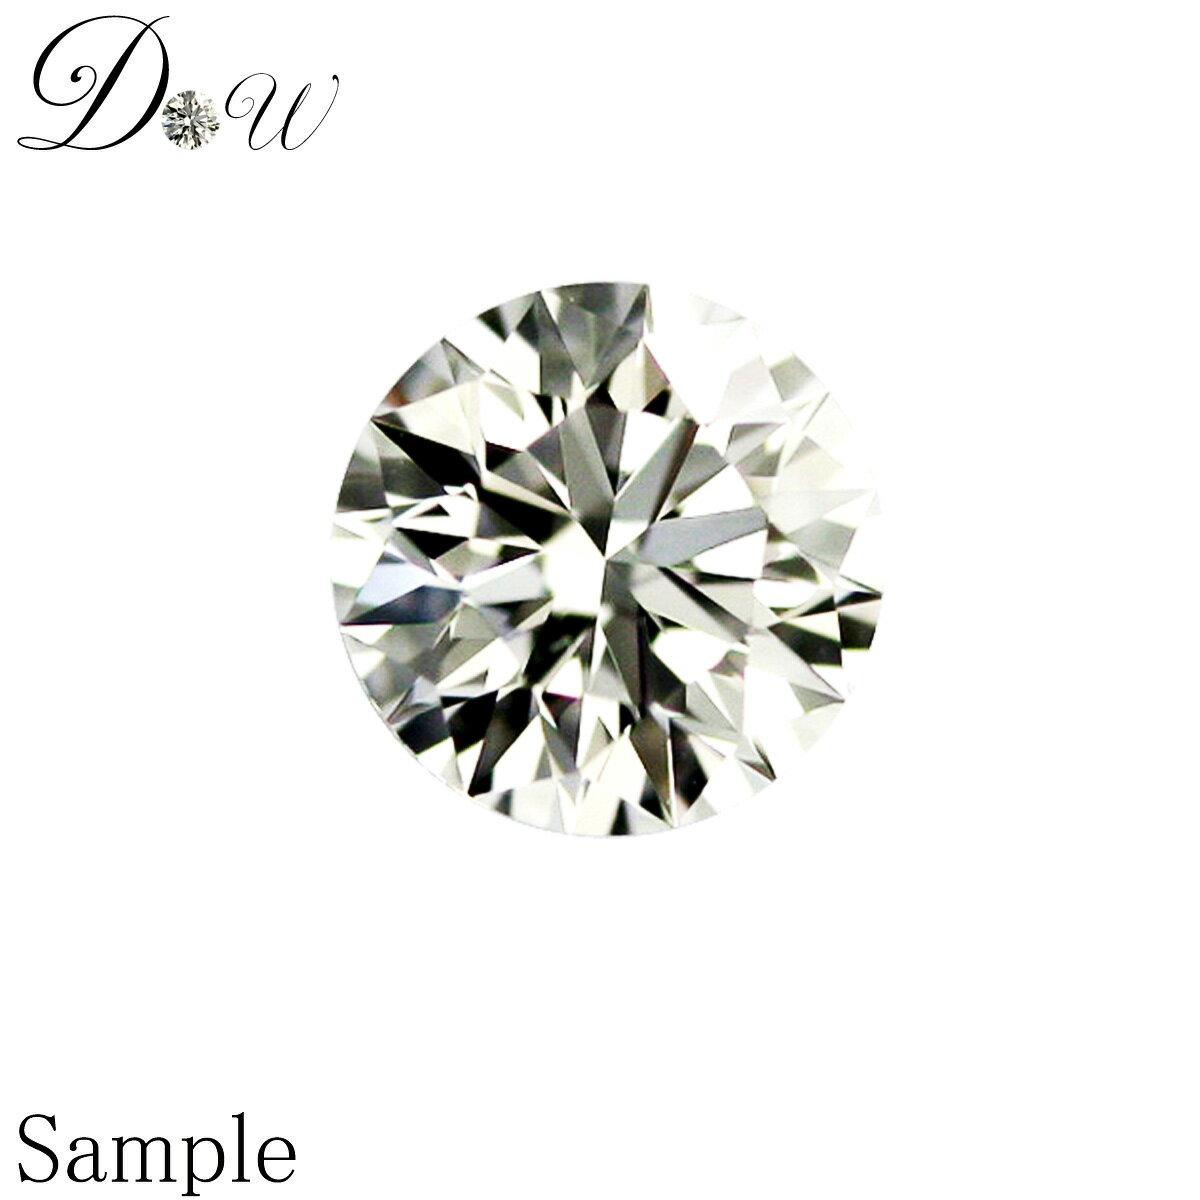 中央宝石研究所鑑定書付き ダイヤモンドルース0.40ct D-VS1-Excellent